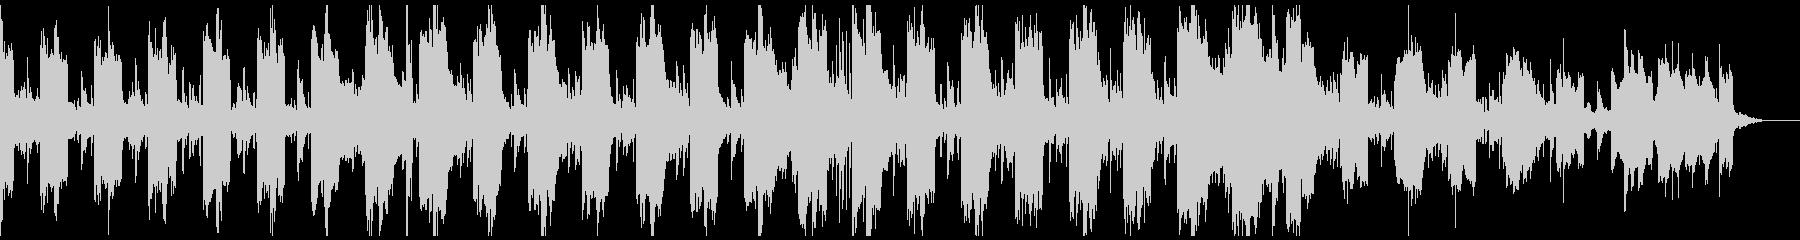 フューチャーベース風のゲーム用BGMの未再生の波形